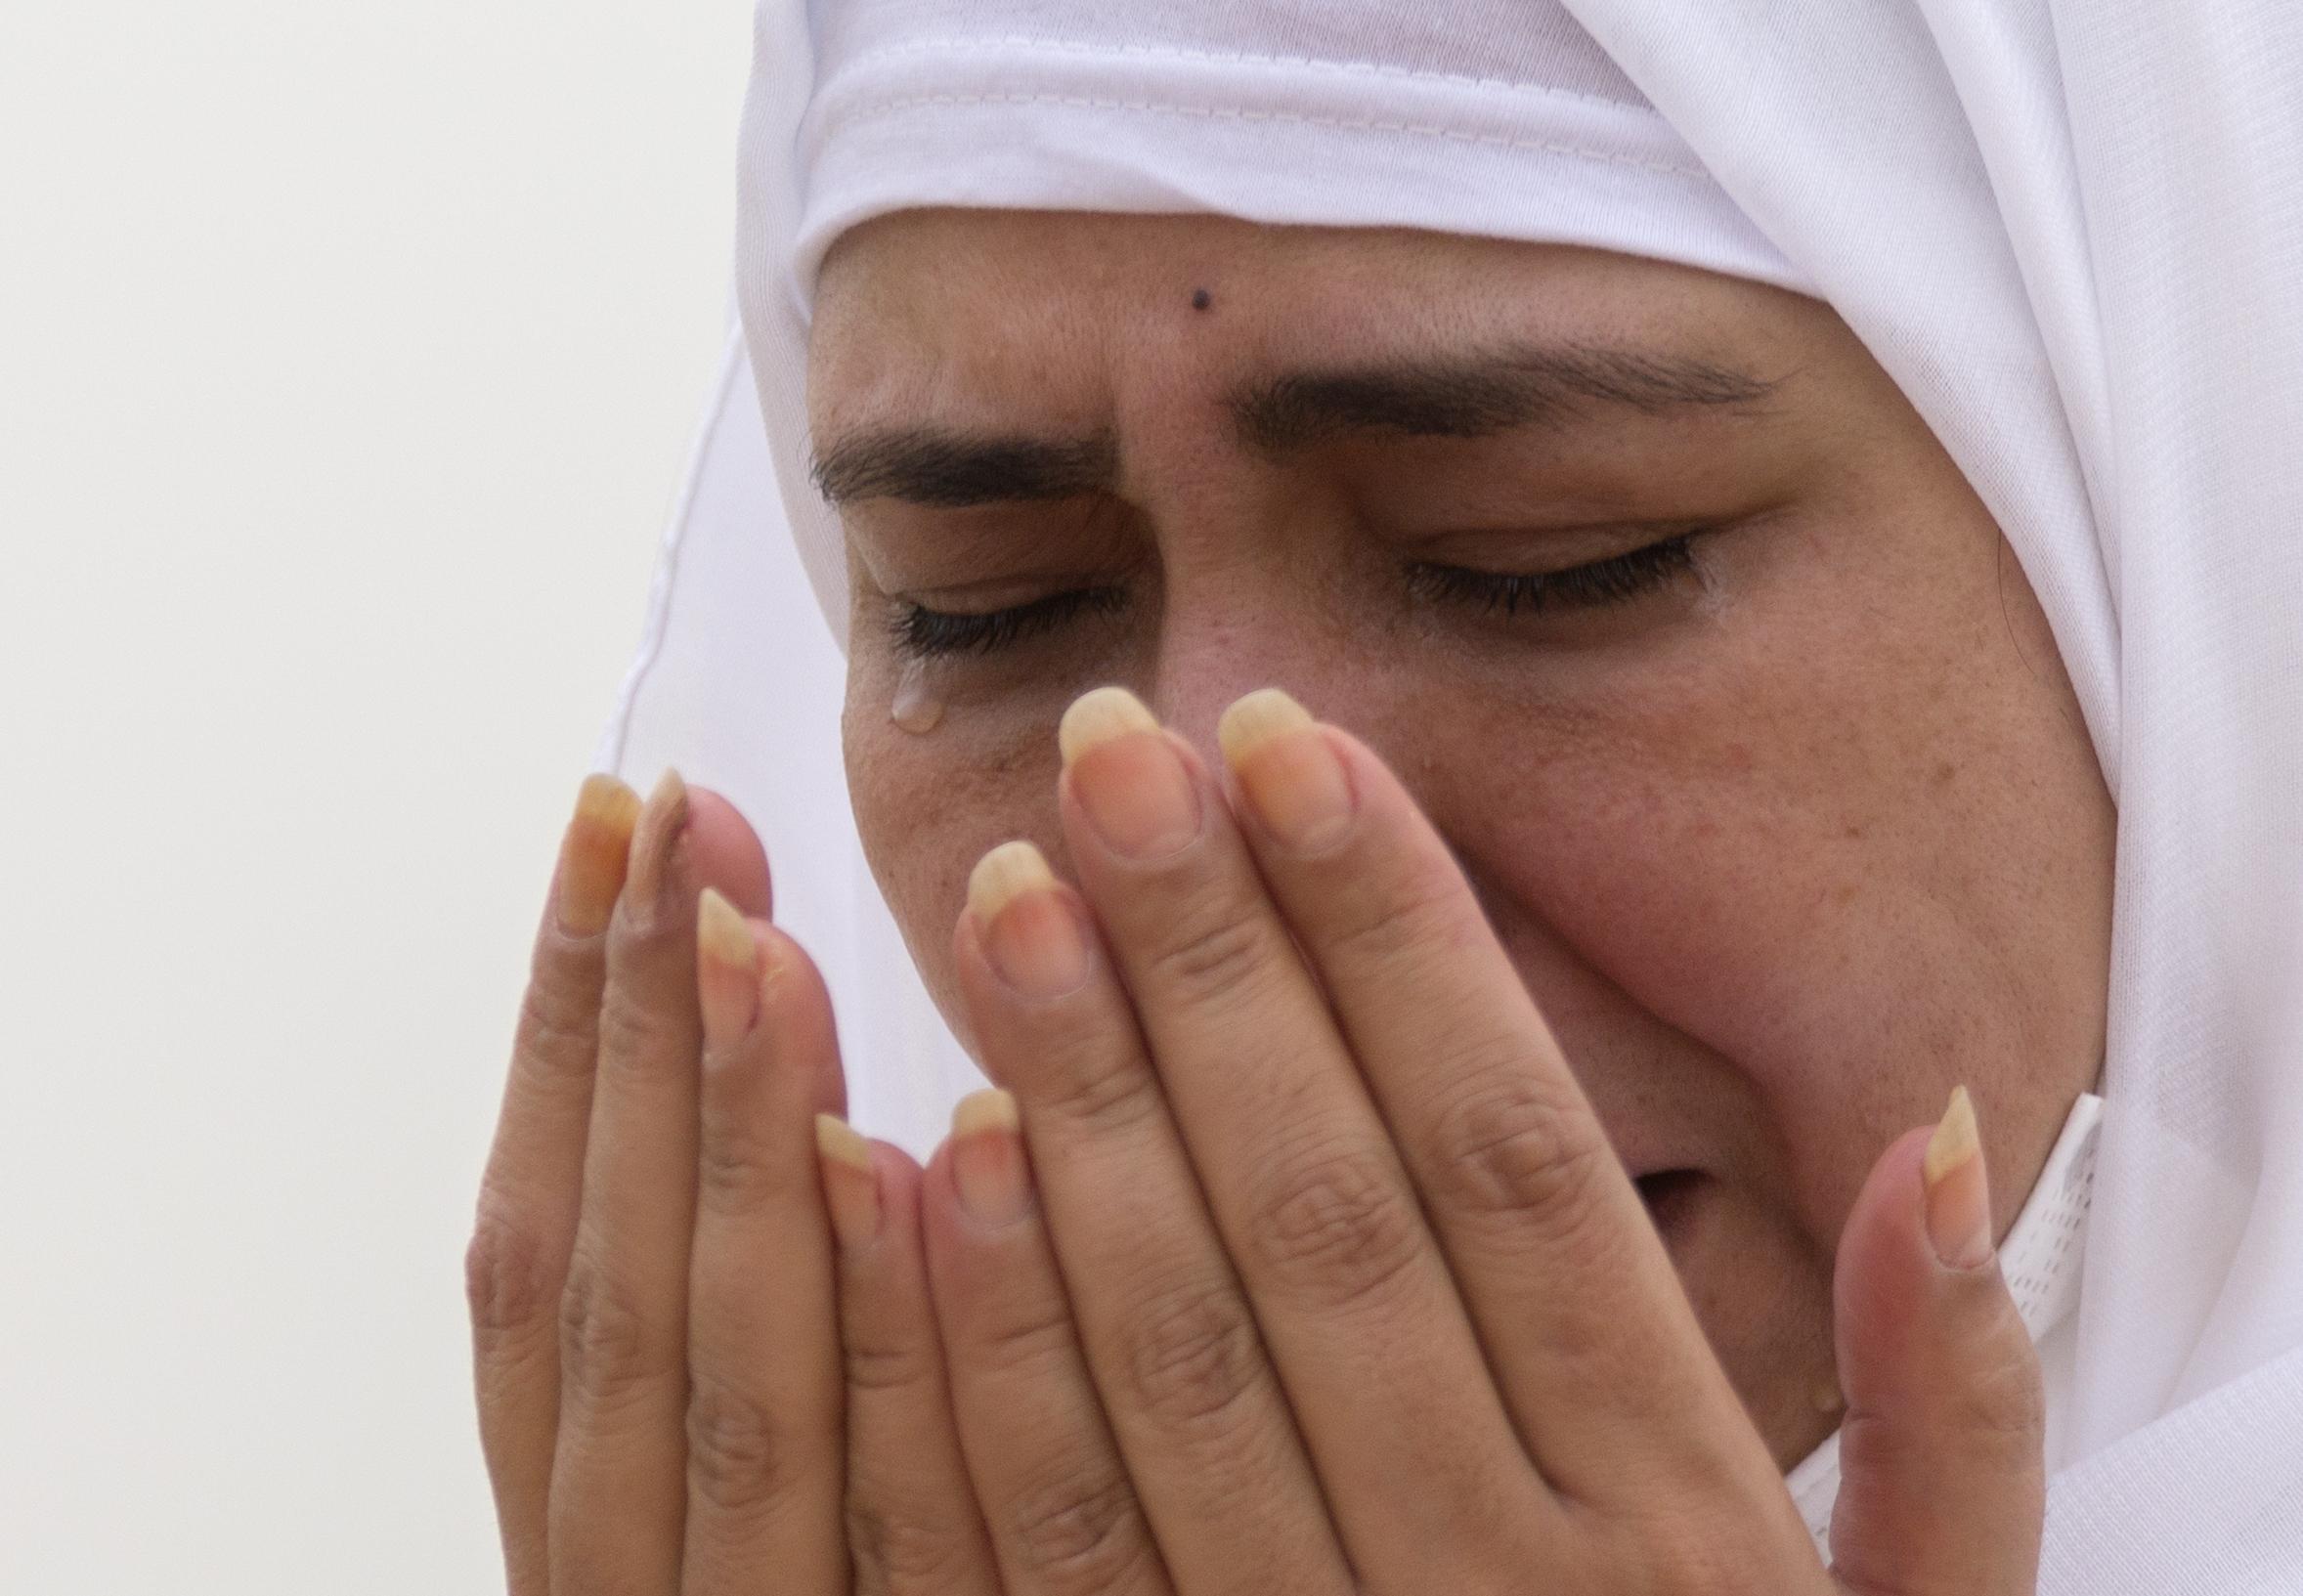 मक्का से 20 किमी दूर अराफत के पहाड़ पर दुआ पढ़ती महिला। इसे रहमत का पहाड़ भी कहते हैं।